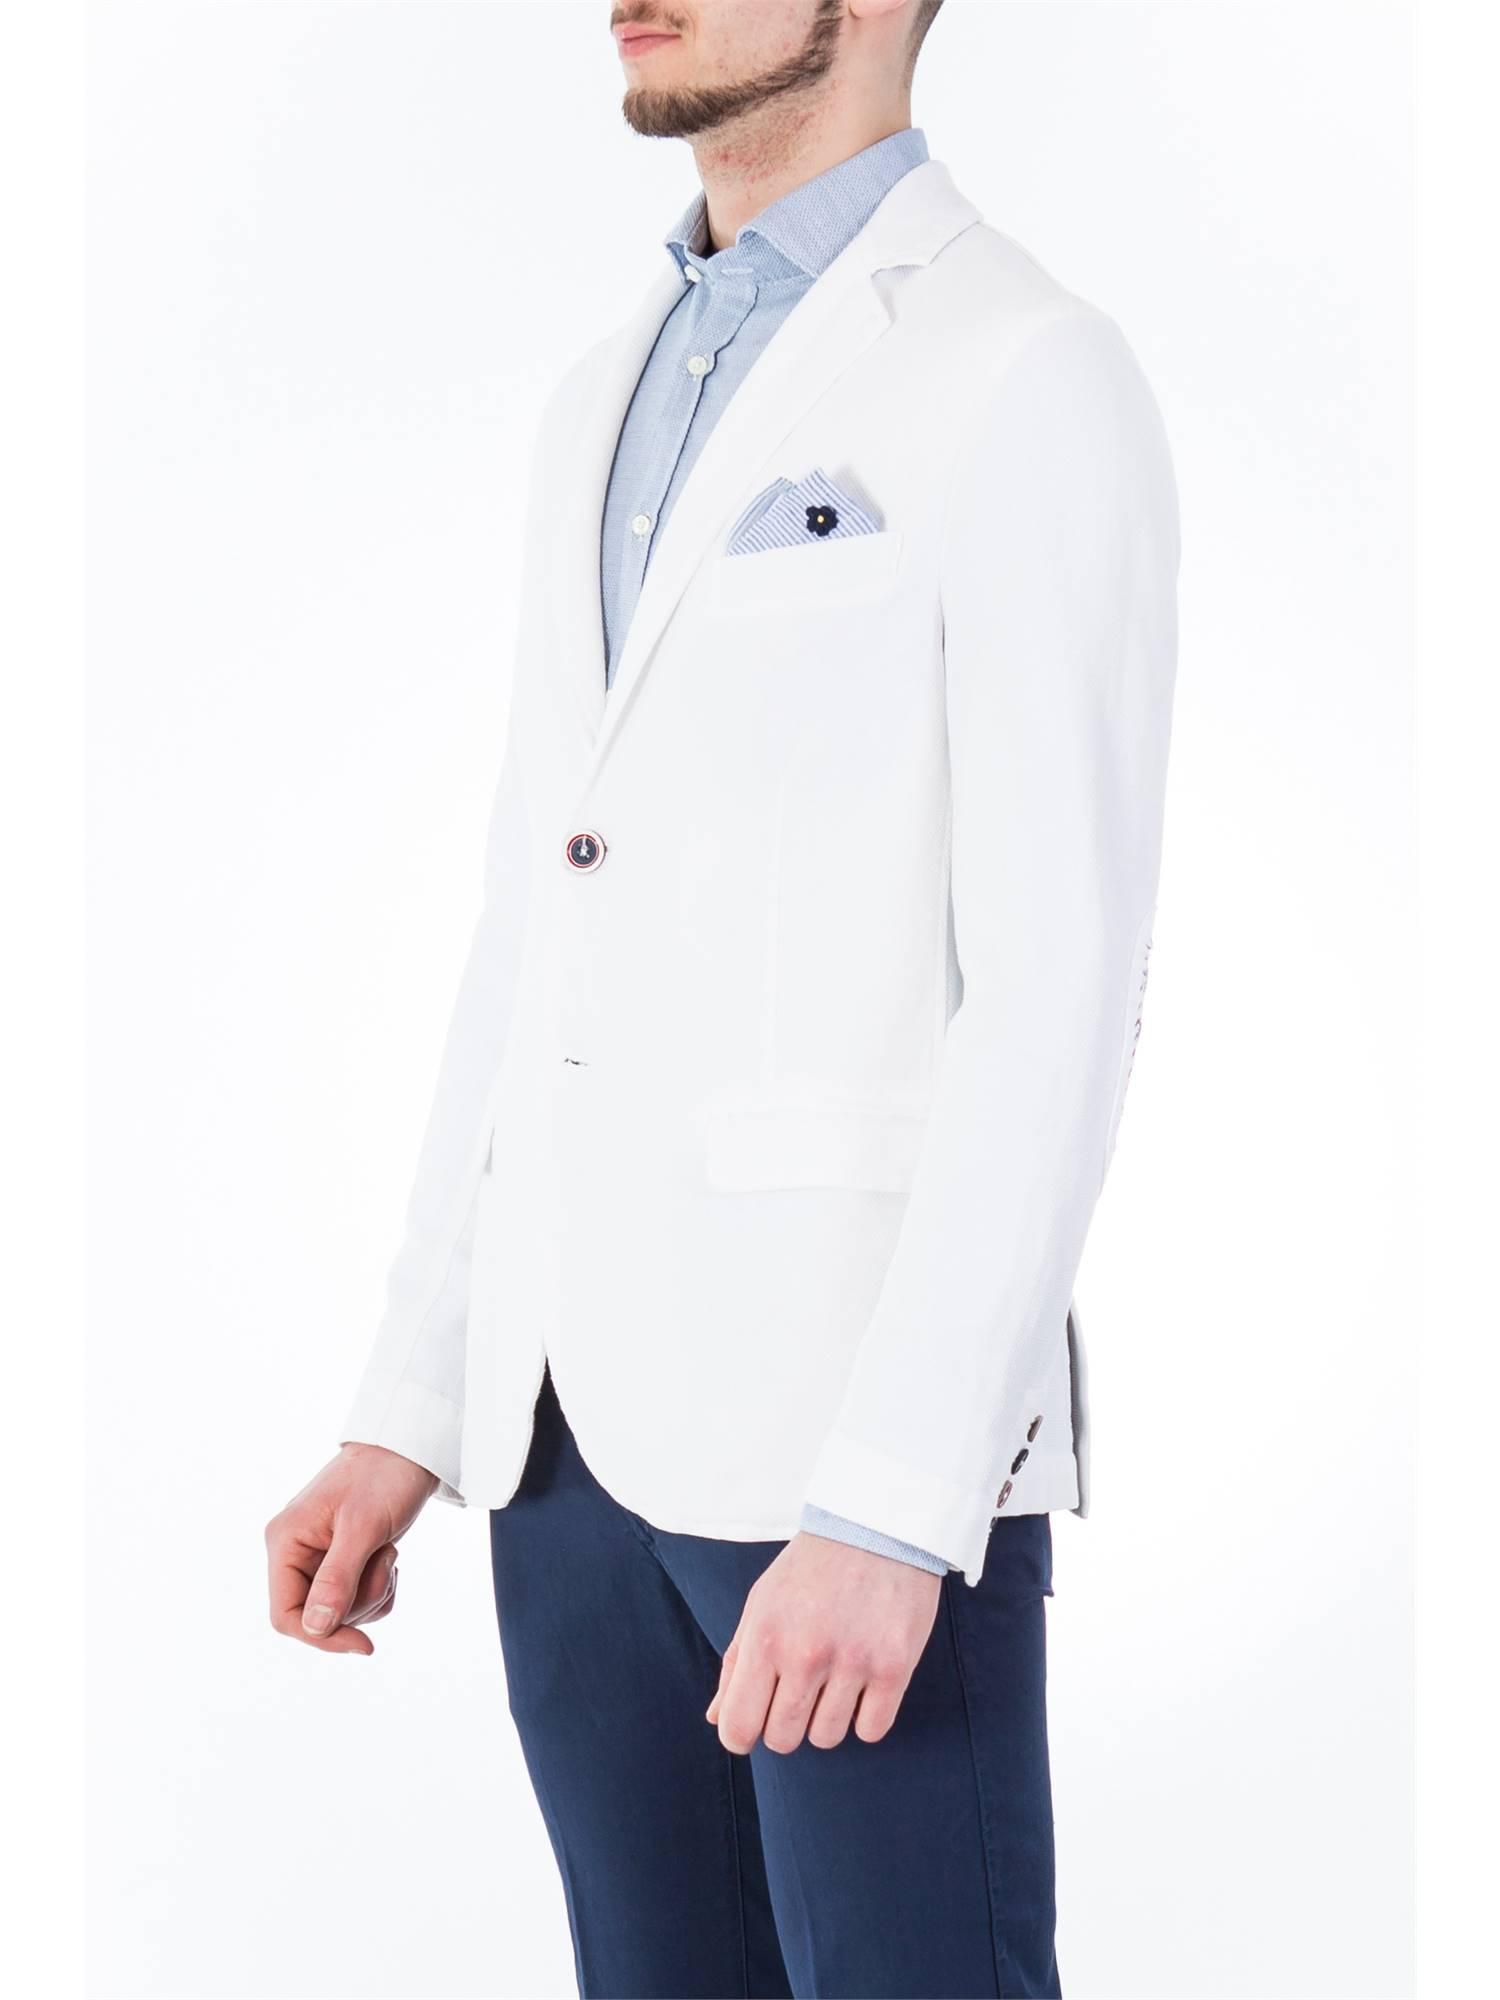 Bob Uomo DAN R356 B.CO Bianco Giacca Uomo Primavera//Estate 100/% Cotone